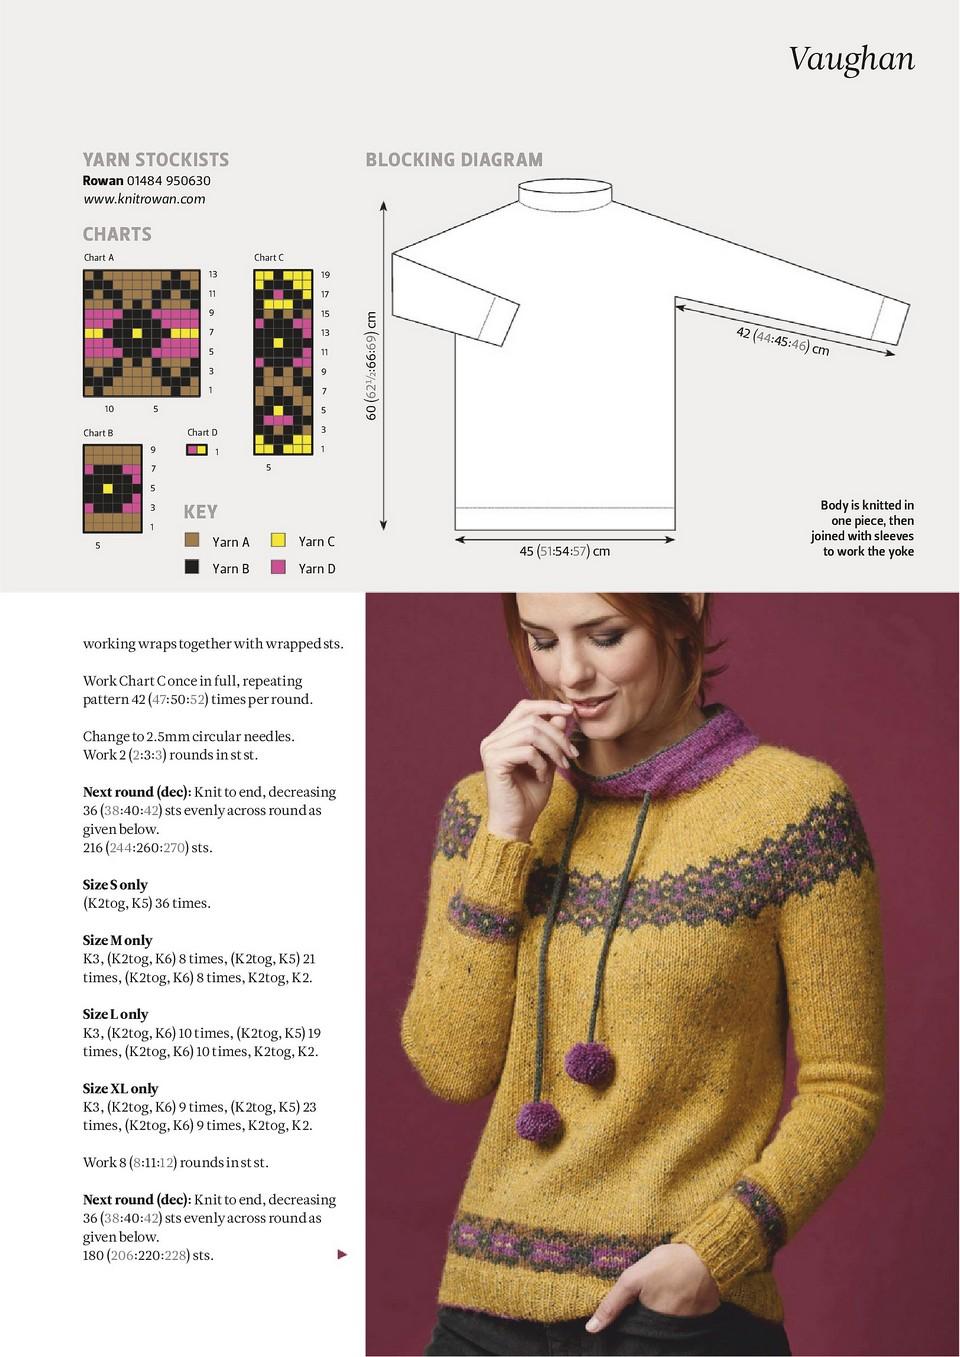 132The-Knitter-048